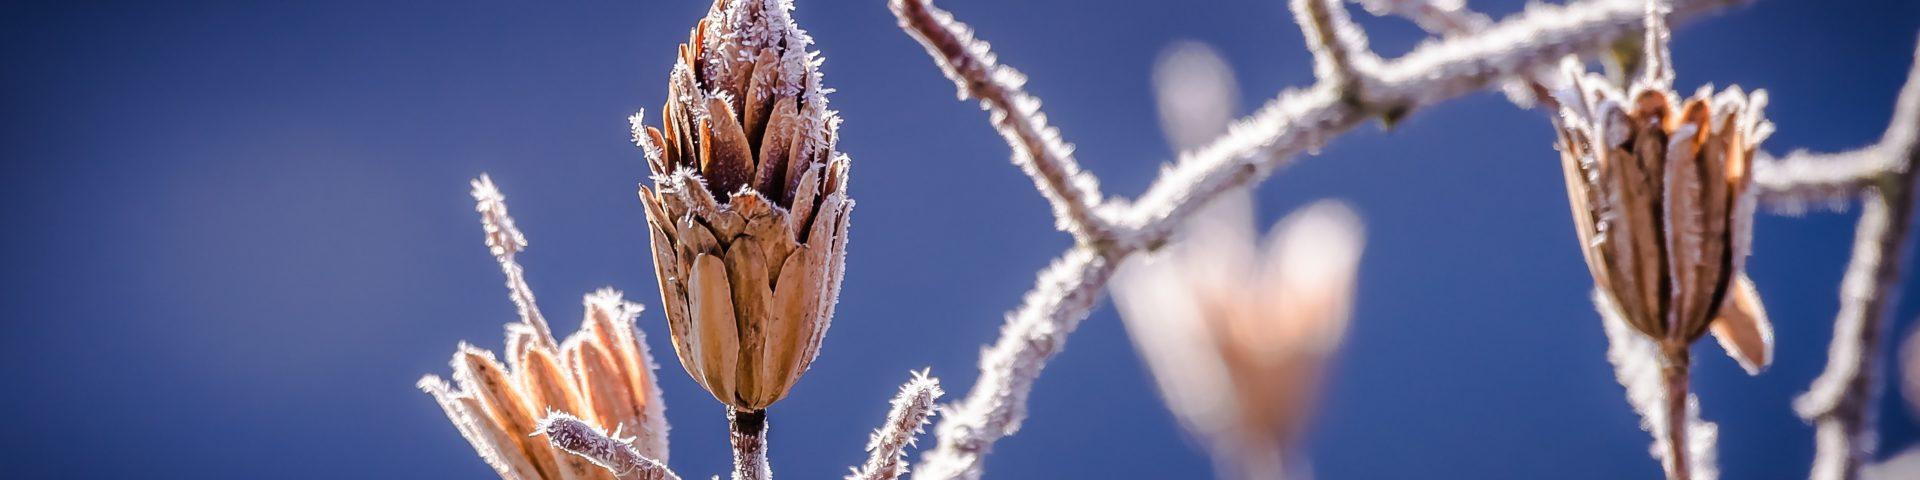 winter, nature, bud